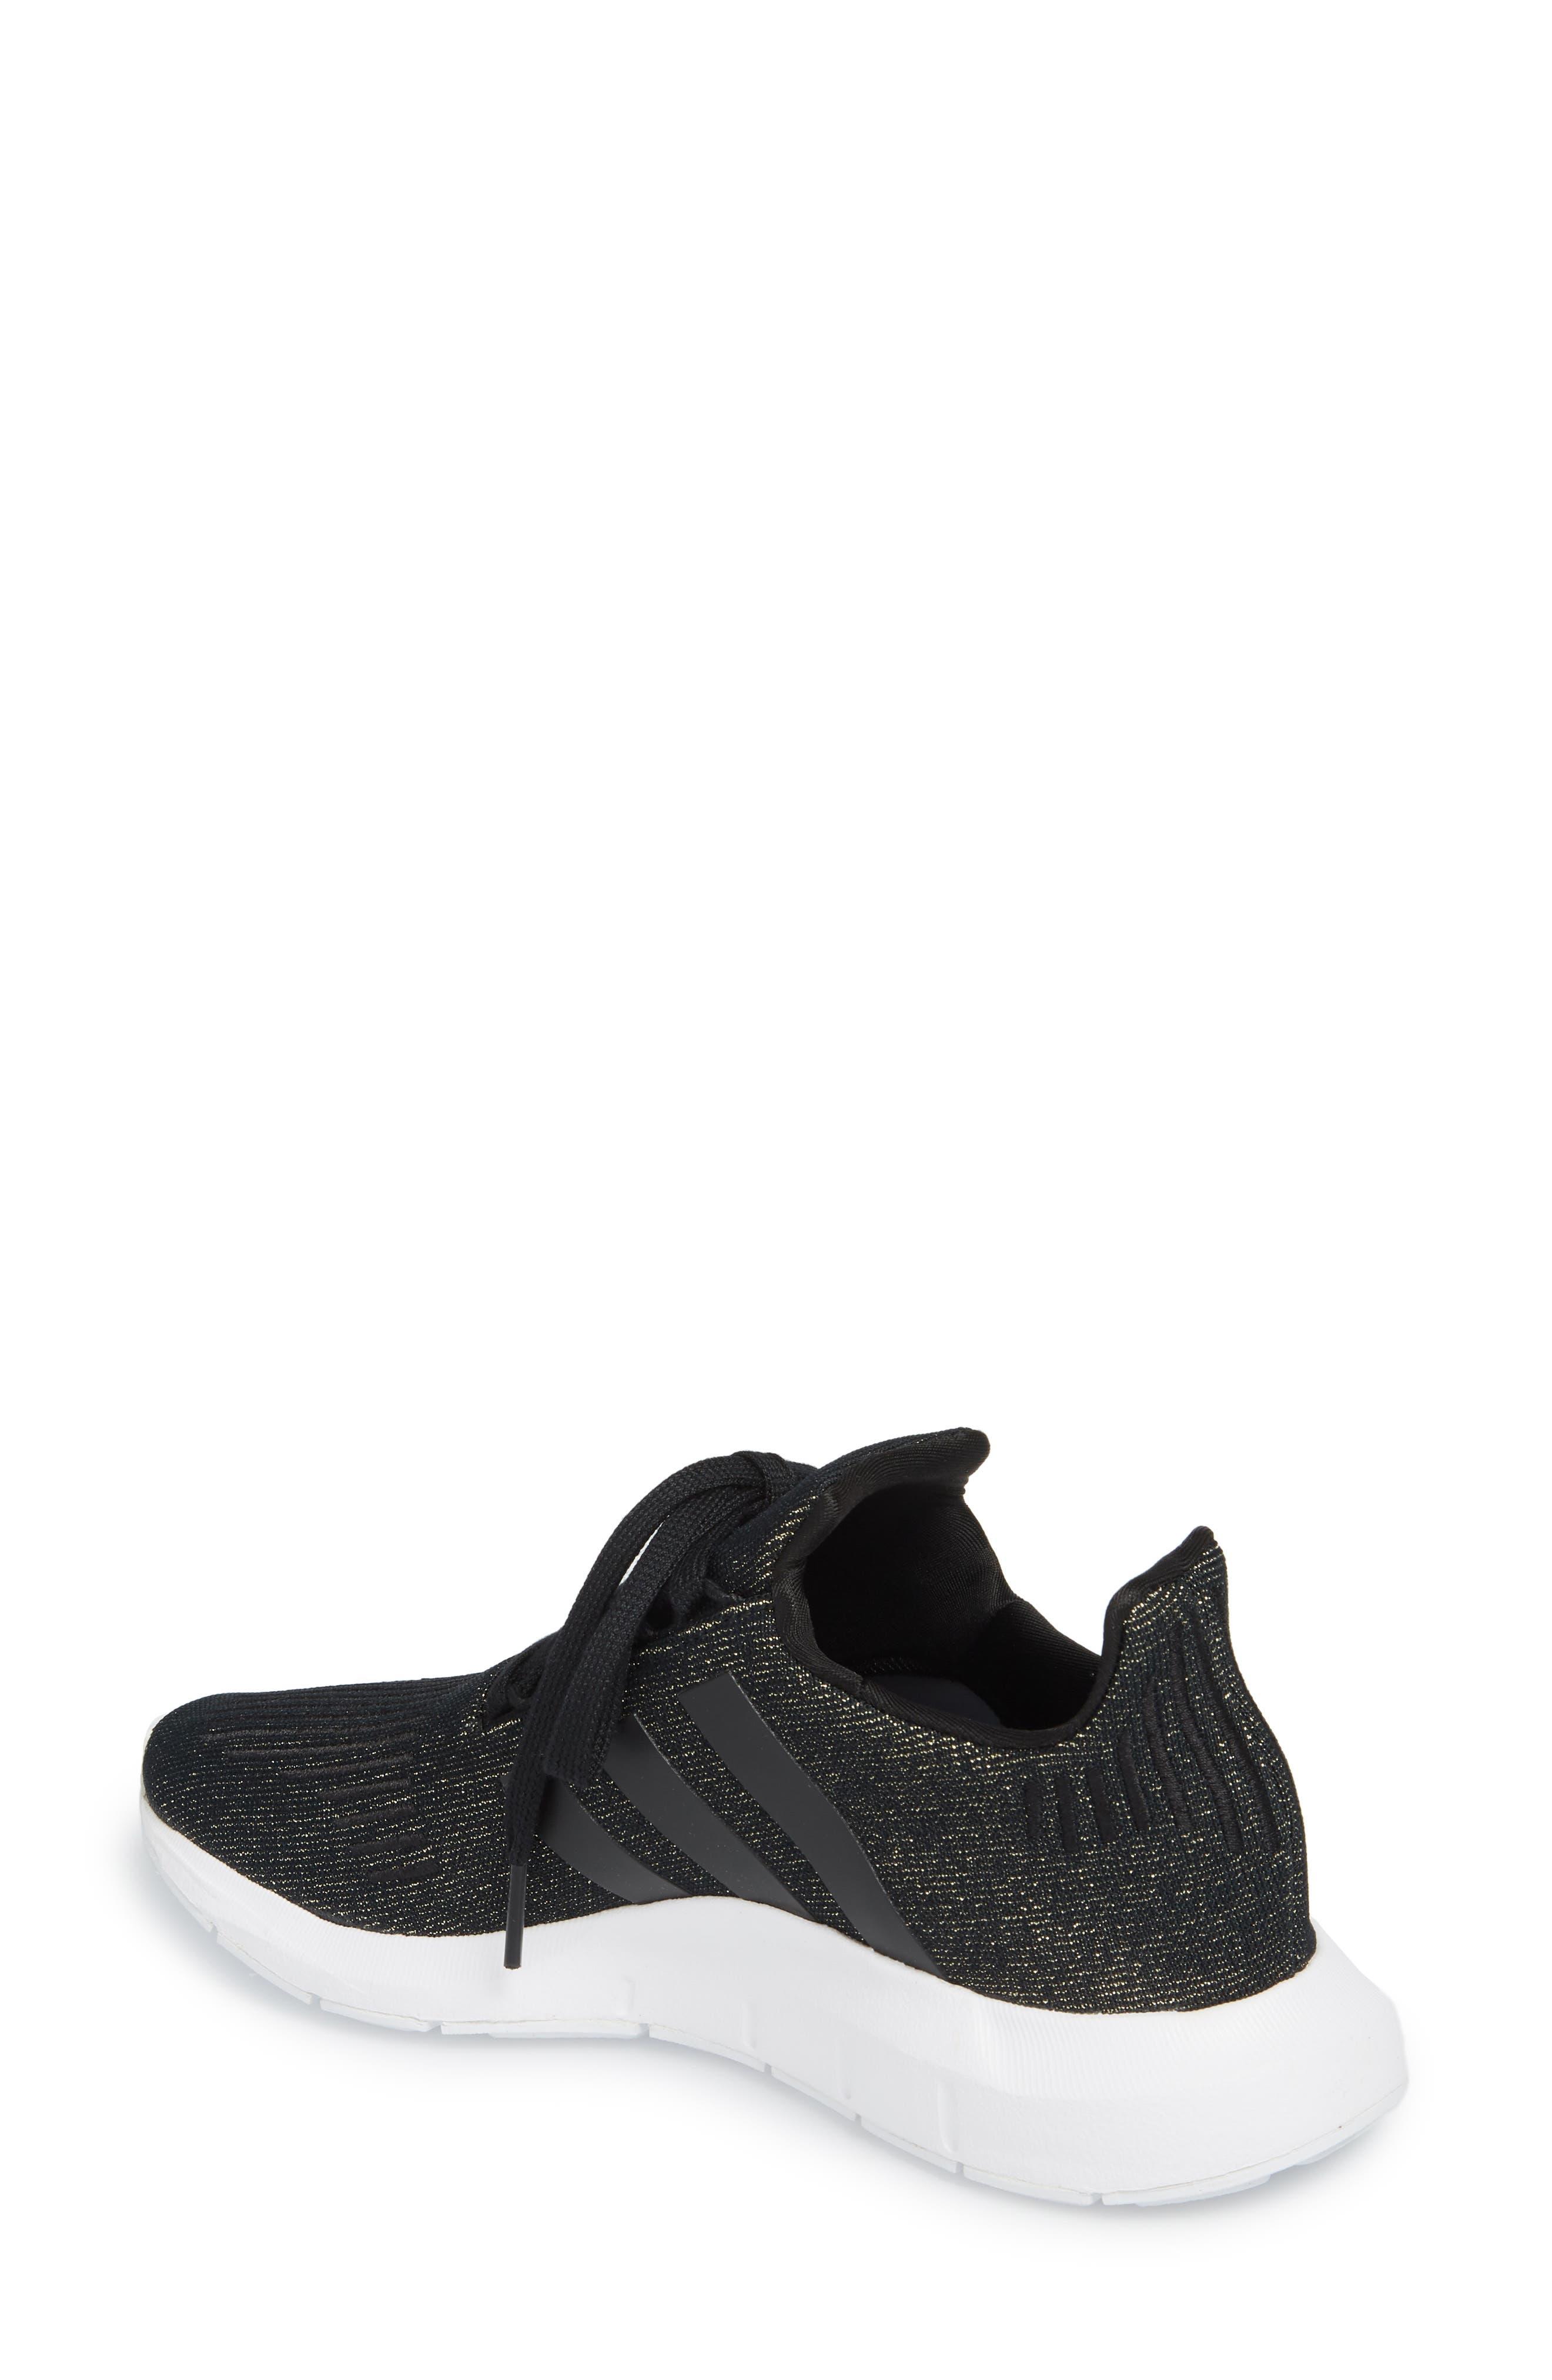 Swift Run Sneaker,                             Alternate thumbnail 44, color,